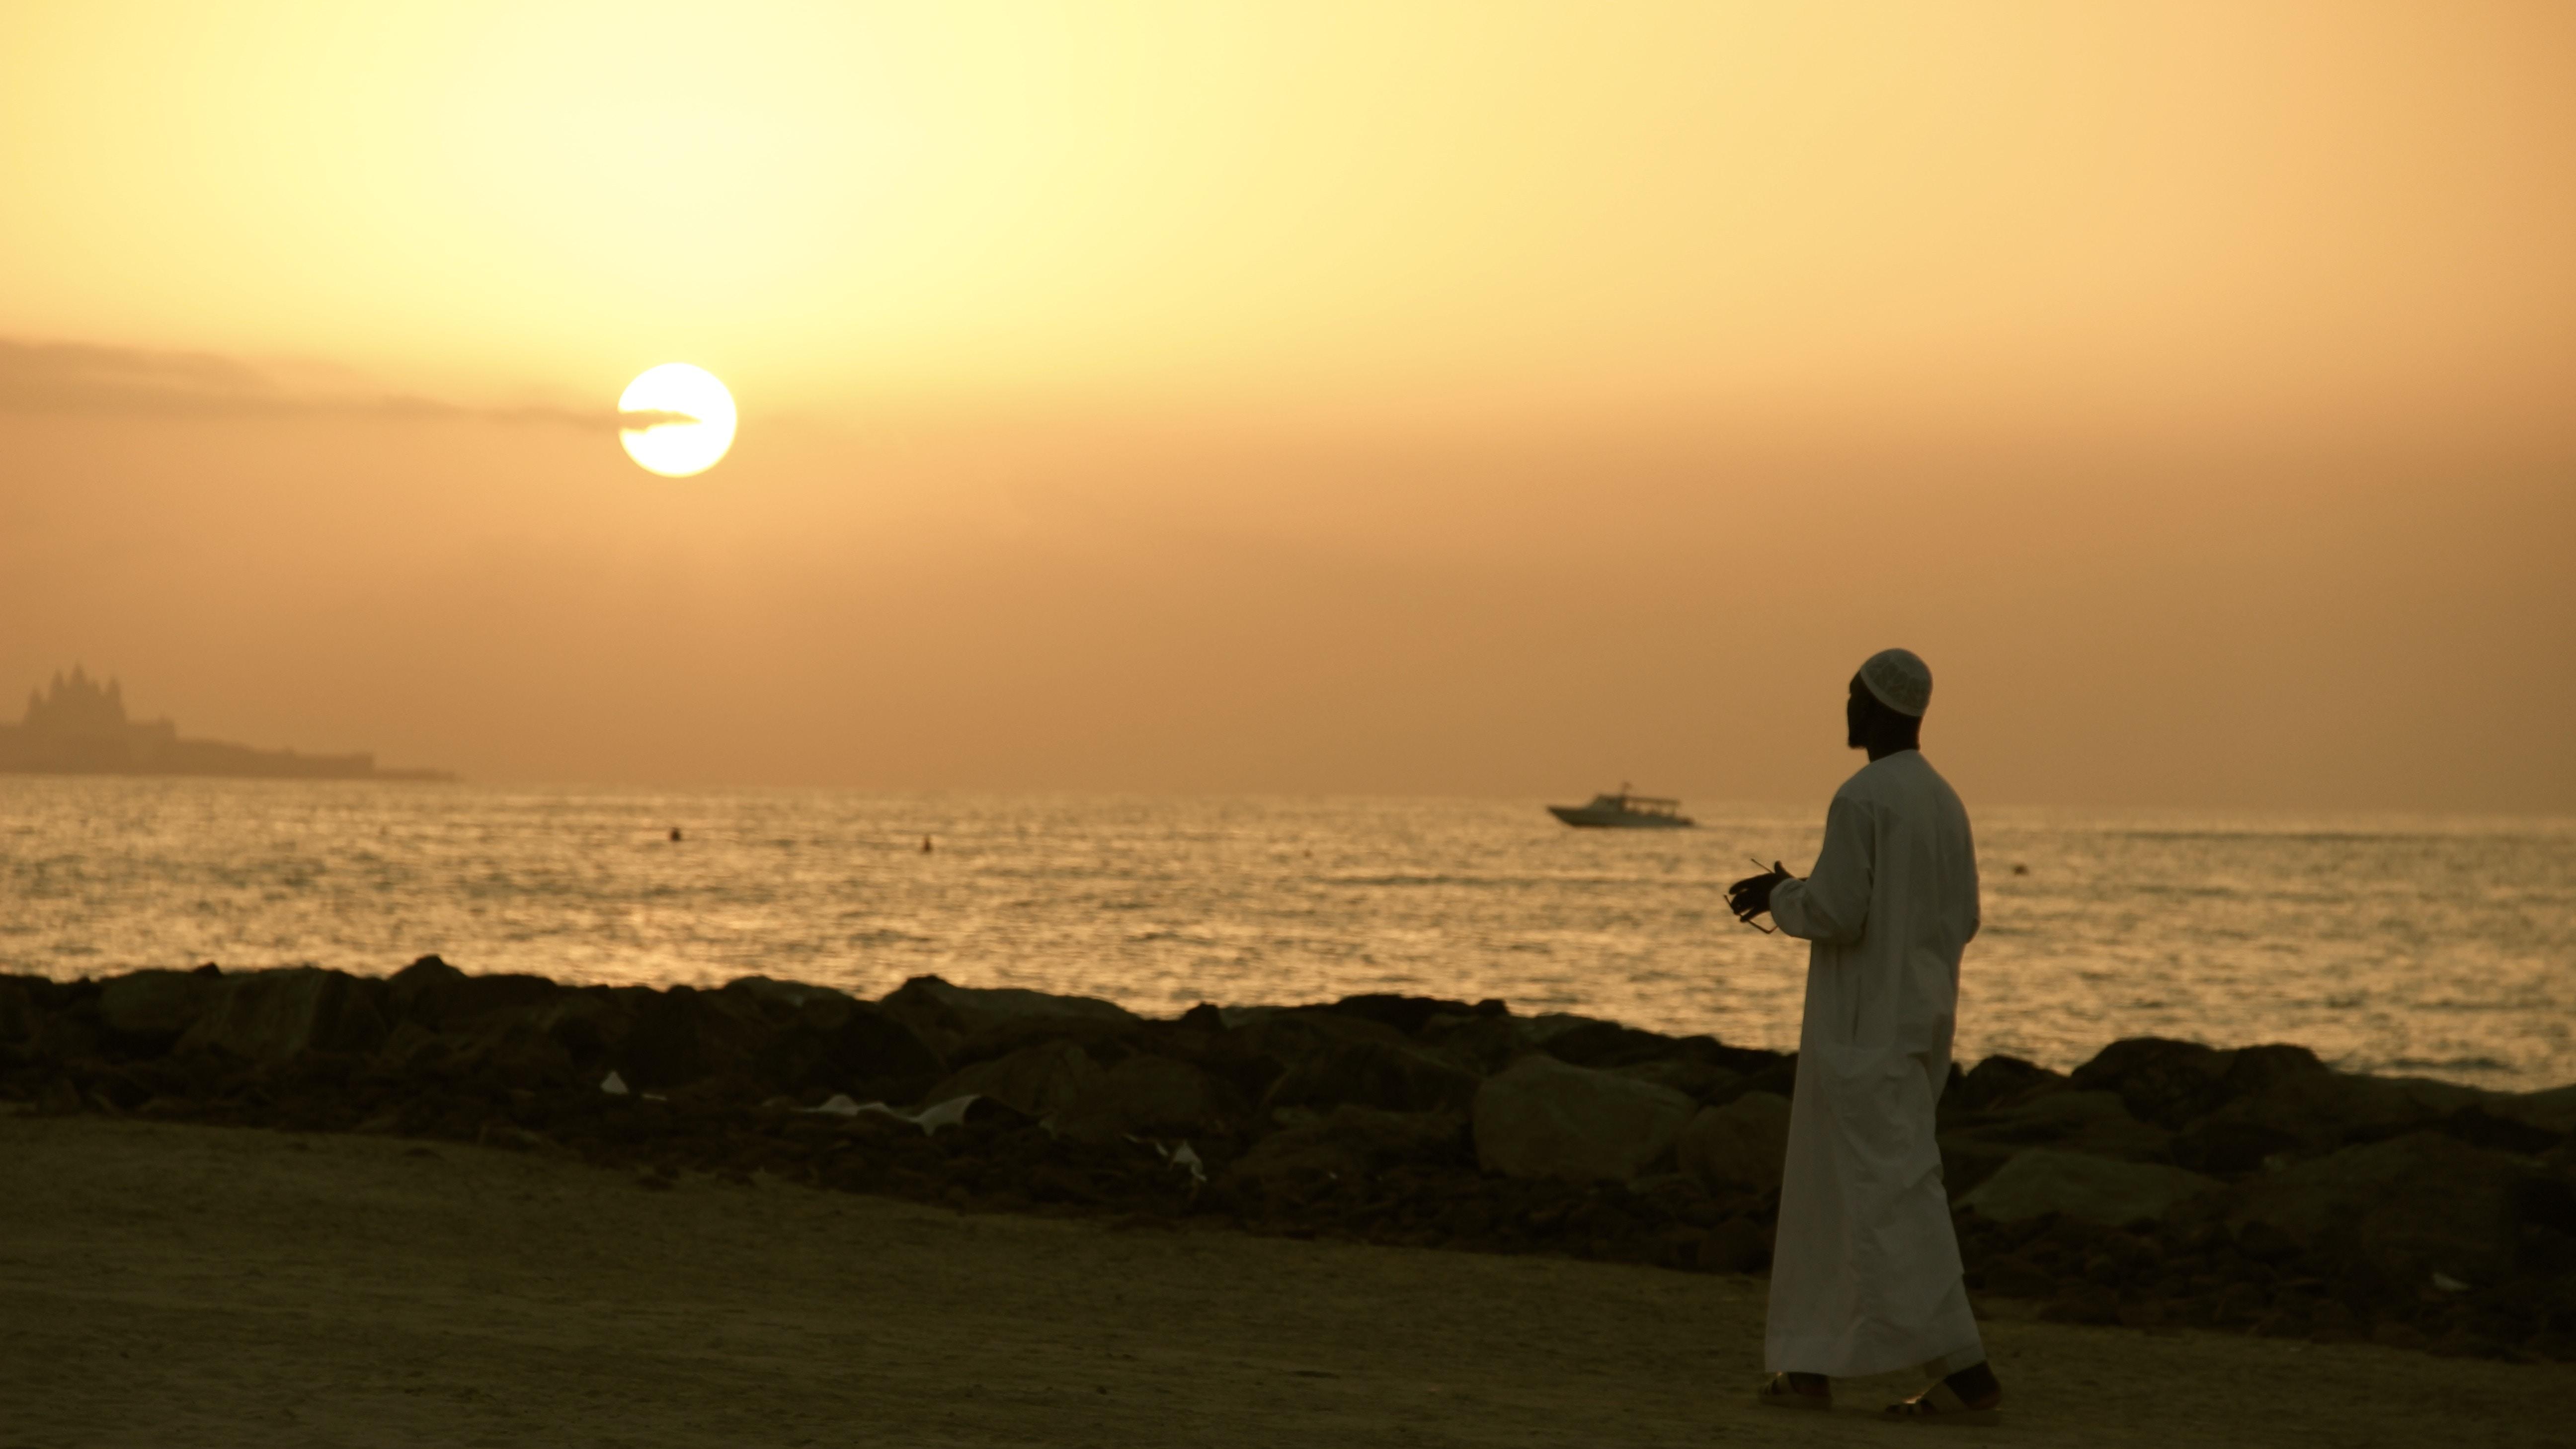 man walking on road beside shore